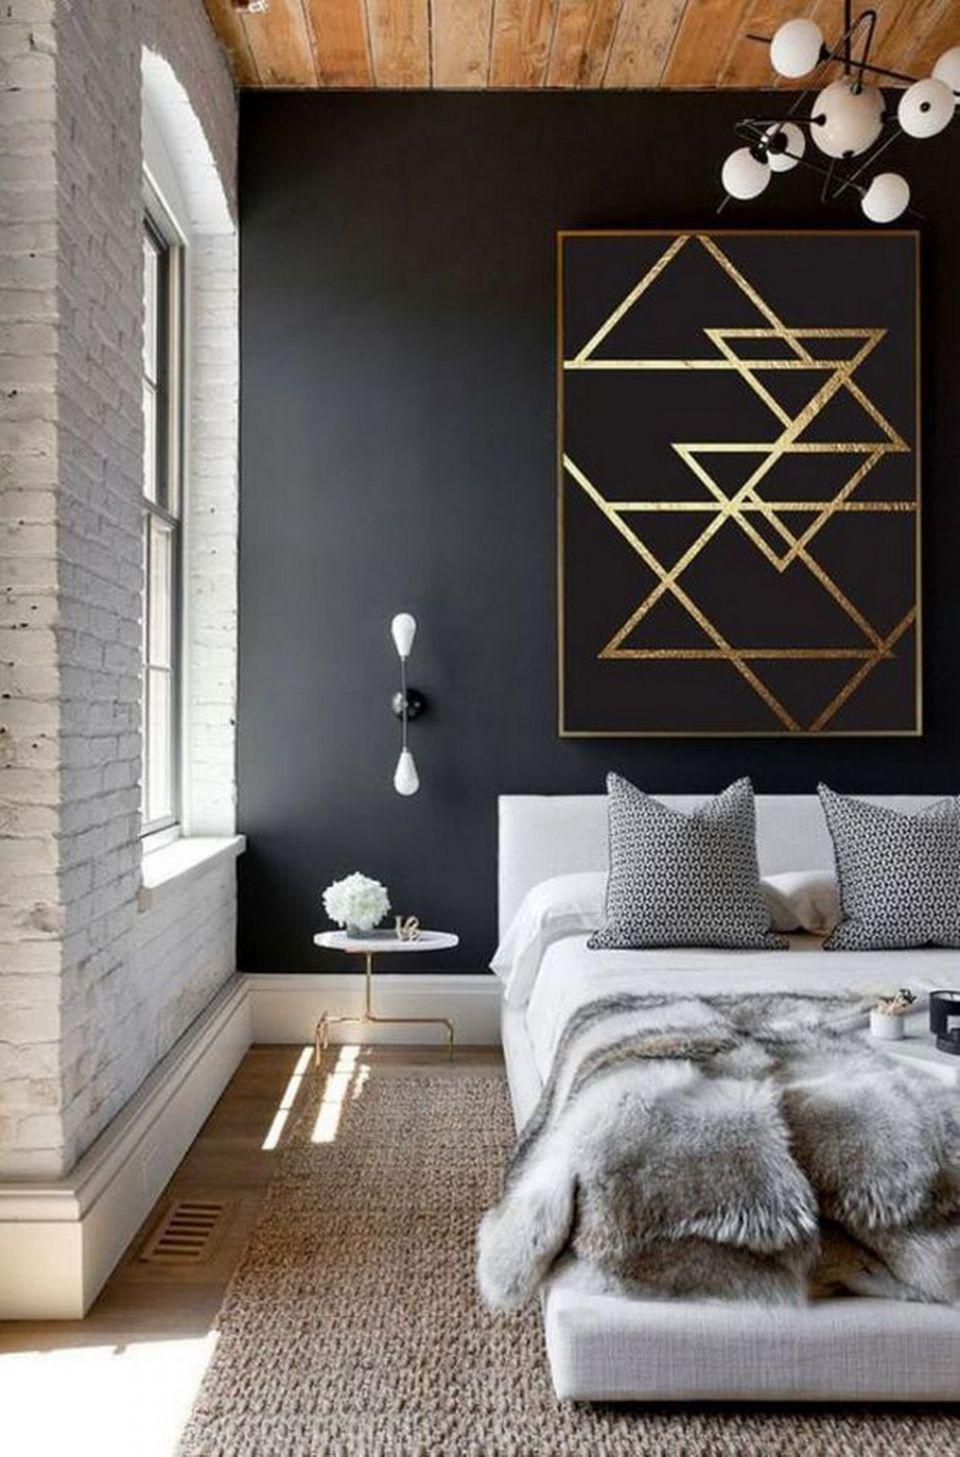 Меховой плед в спальне городской квартиры